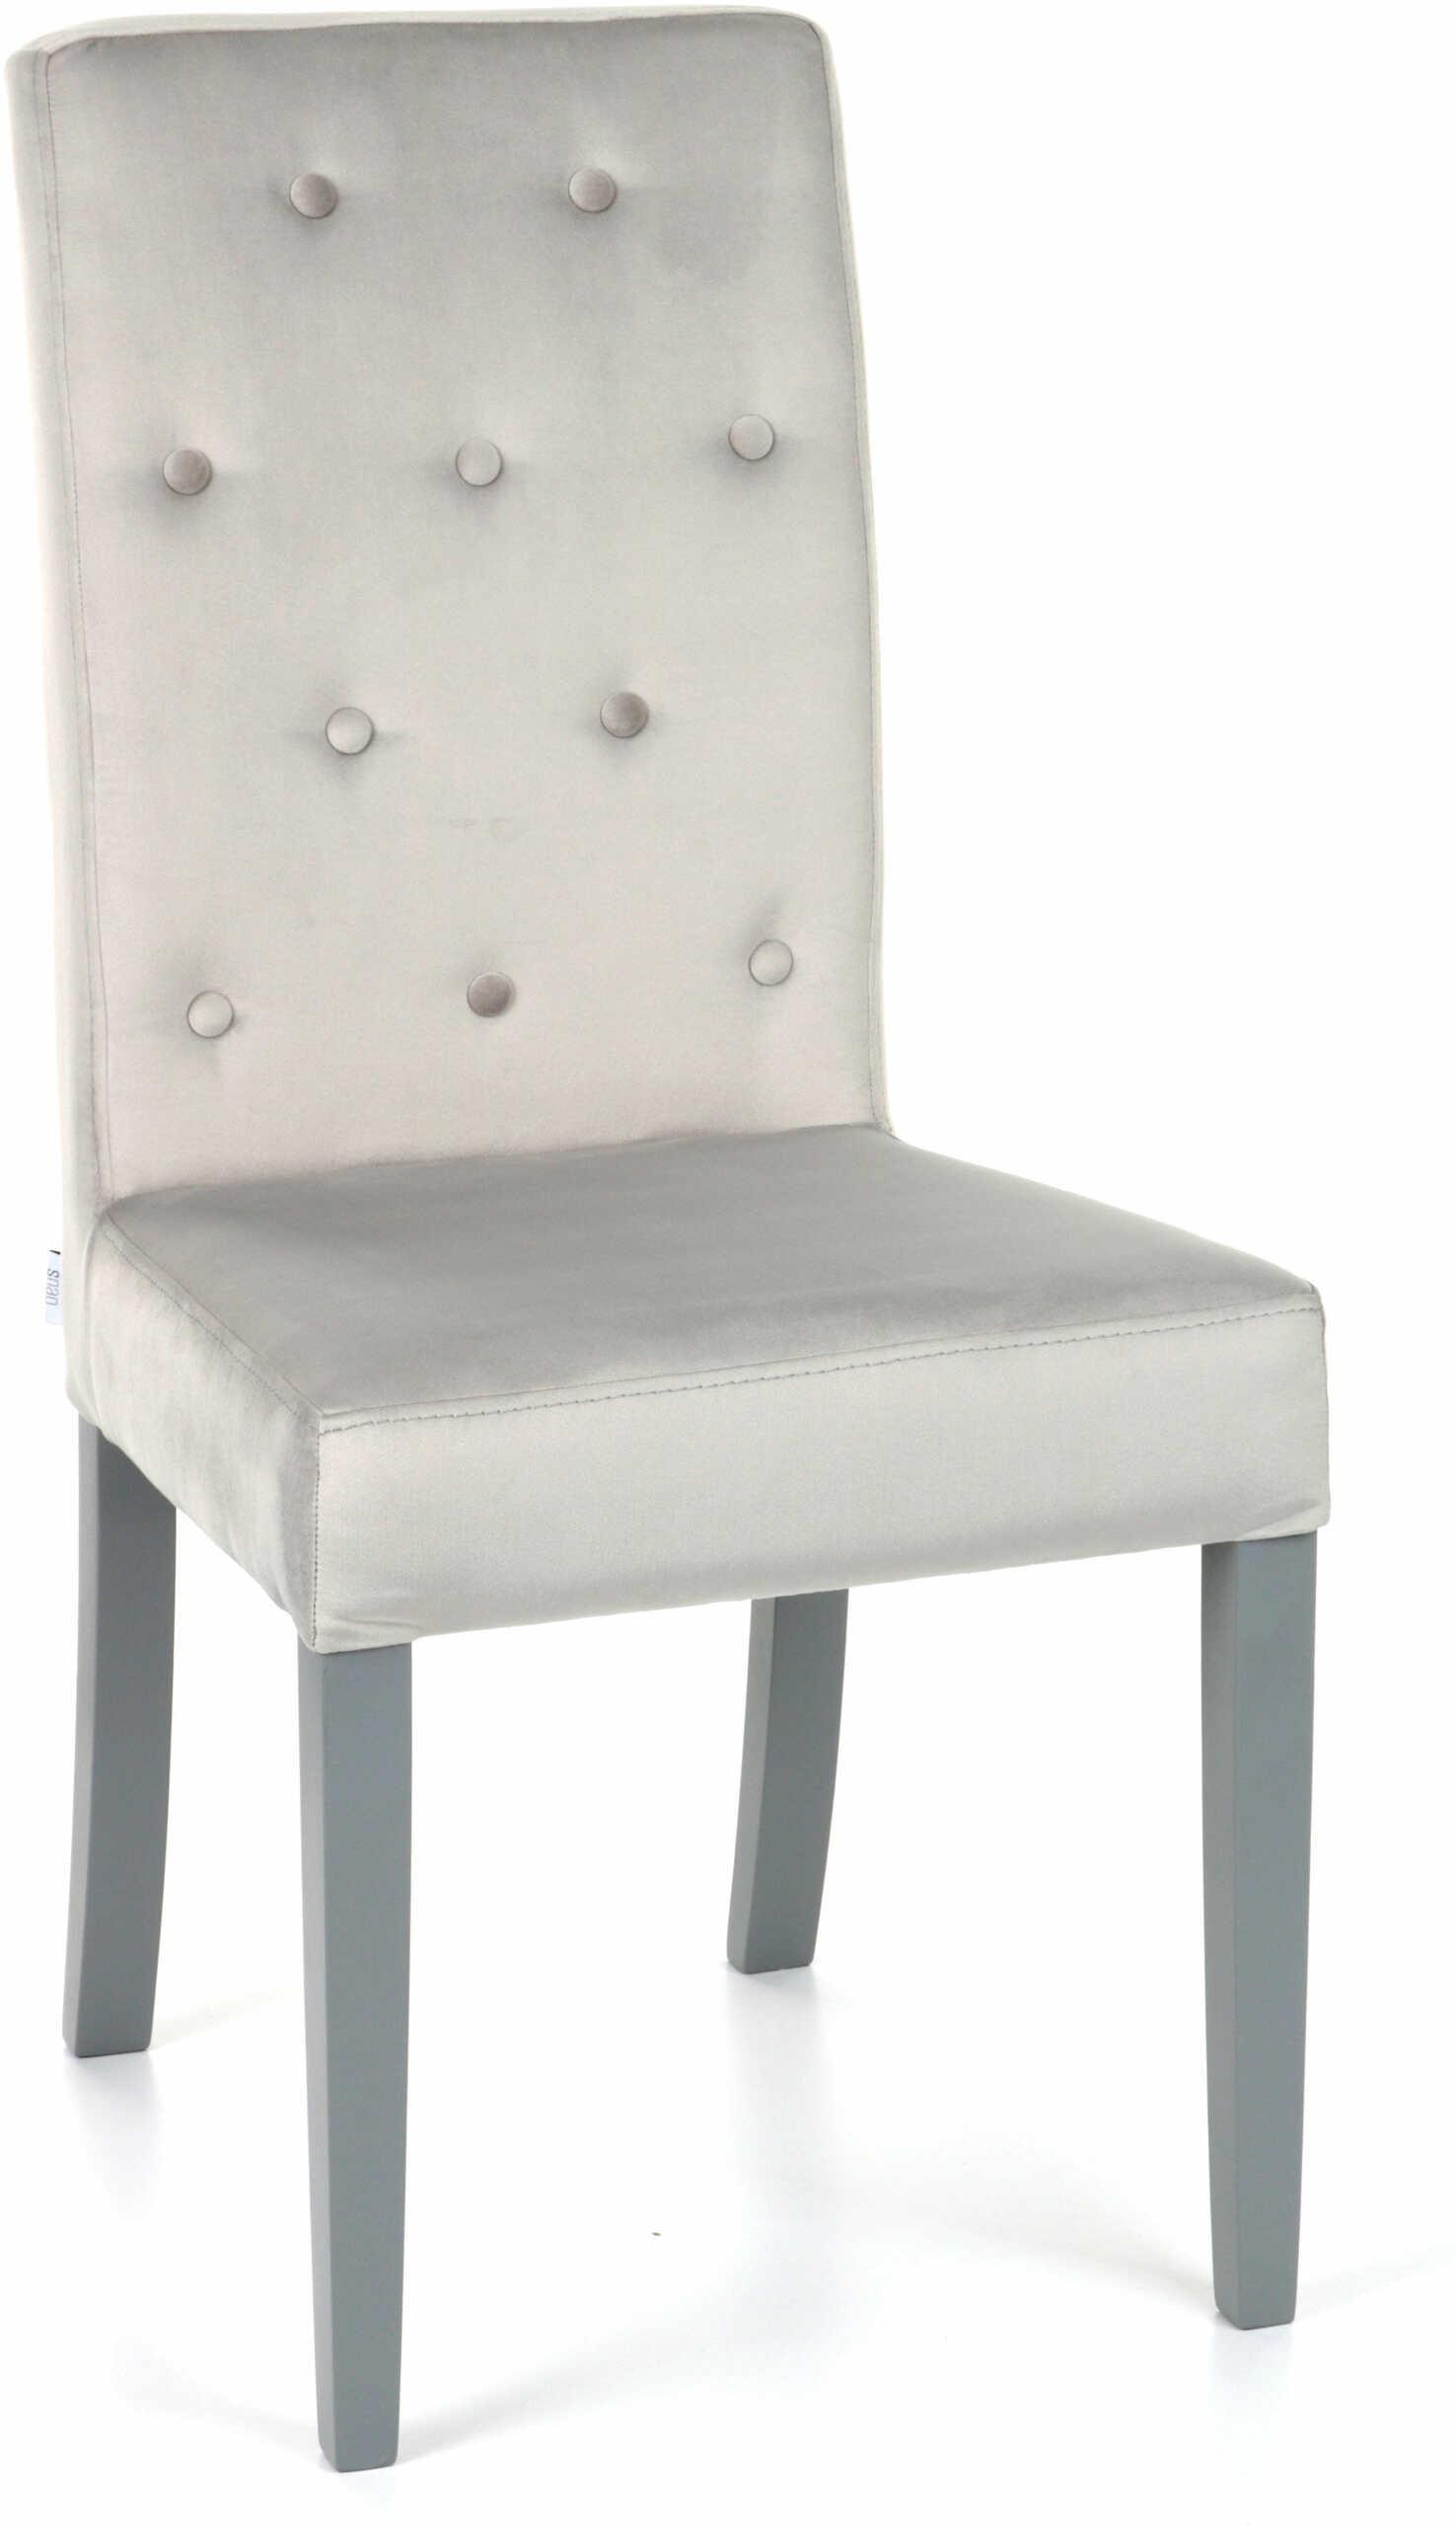 Krzesło Simple 100 z guzikami, tapicerowane, wygodne, ozdobne, eleganckie, proste, ponadczasowe, do salonu, do jadalni, klasyczny, o ponadczasowym designie